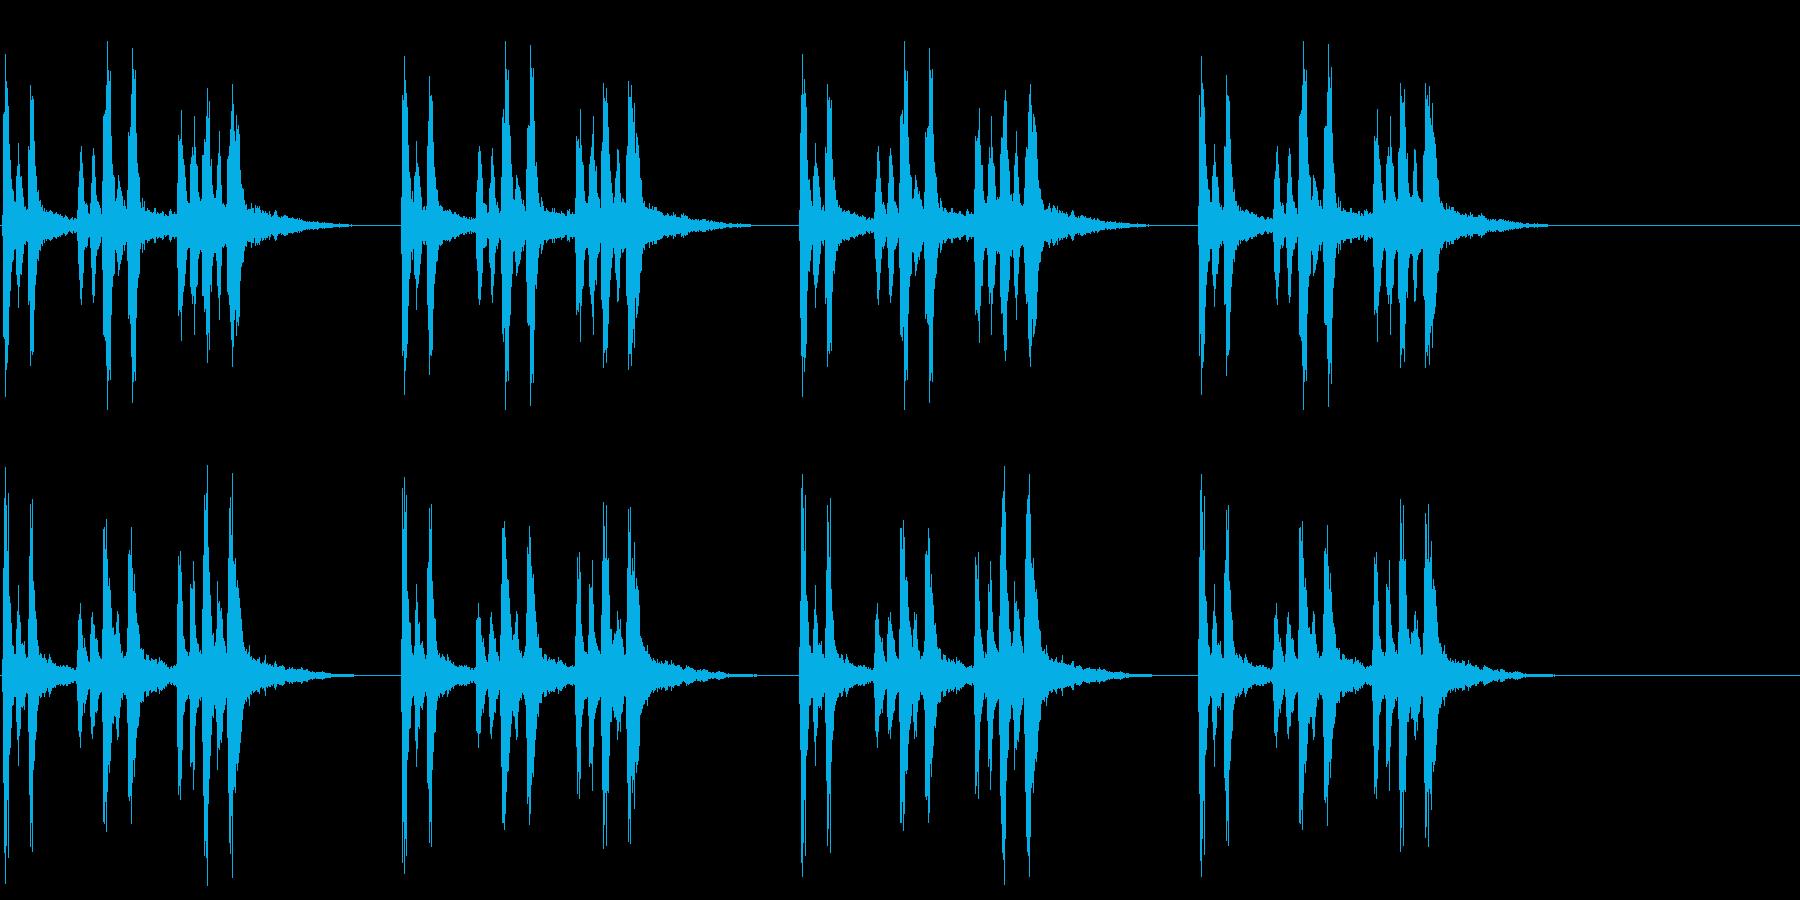 兵隊出動のトランペットファンファーレの再生済みの波形